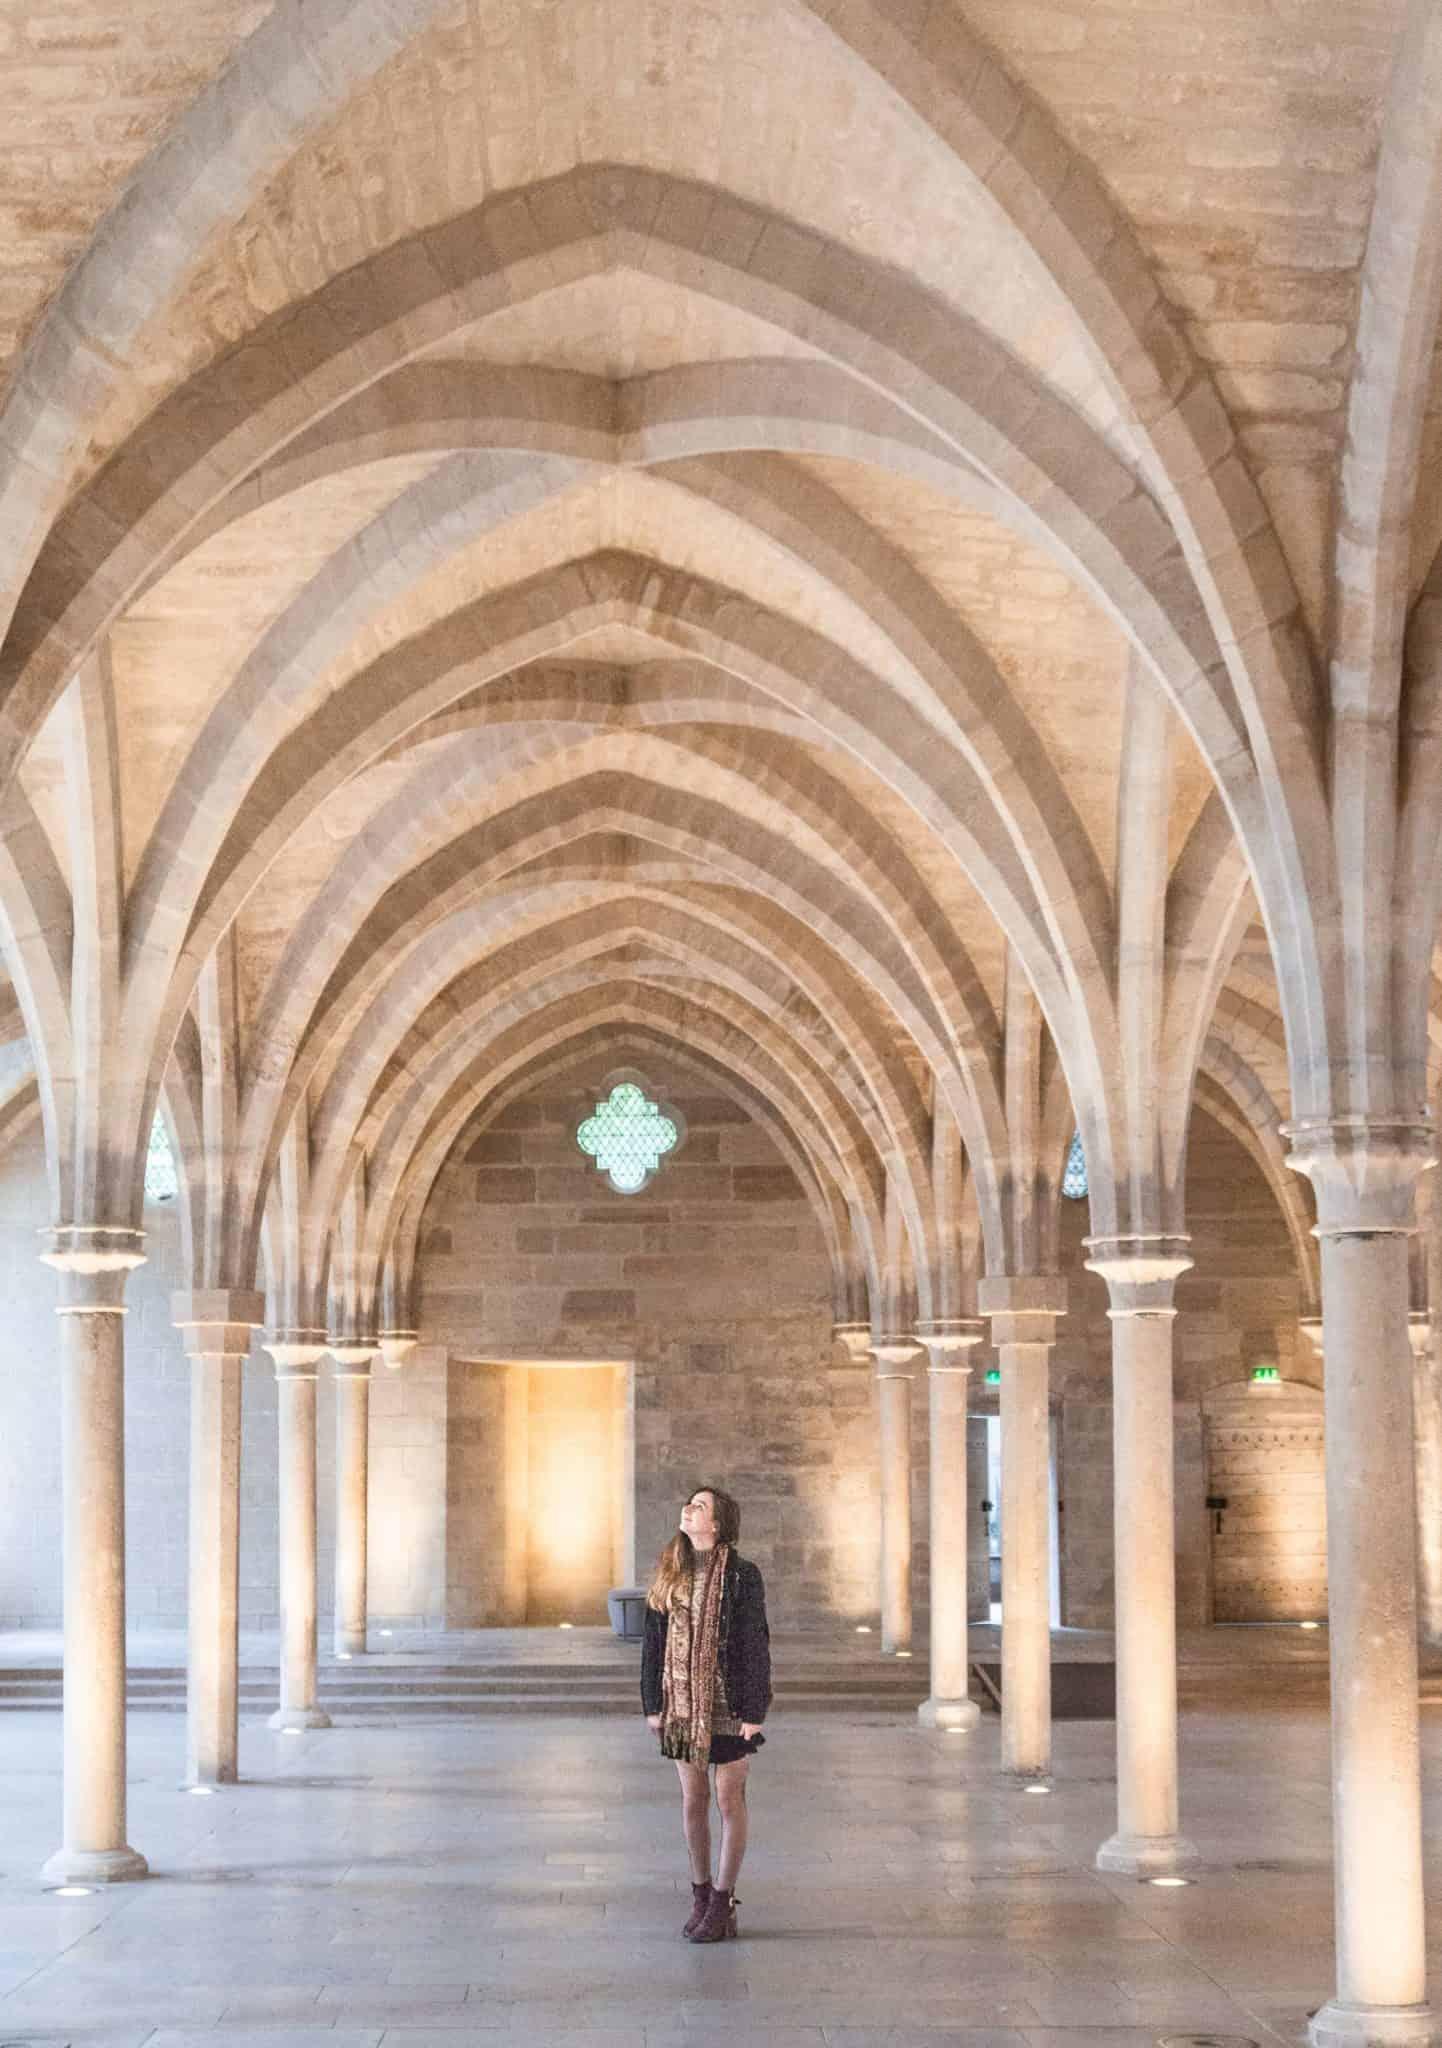 Collège des Bernardins, Rue de Poissy, Paris, France